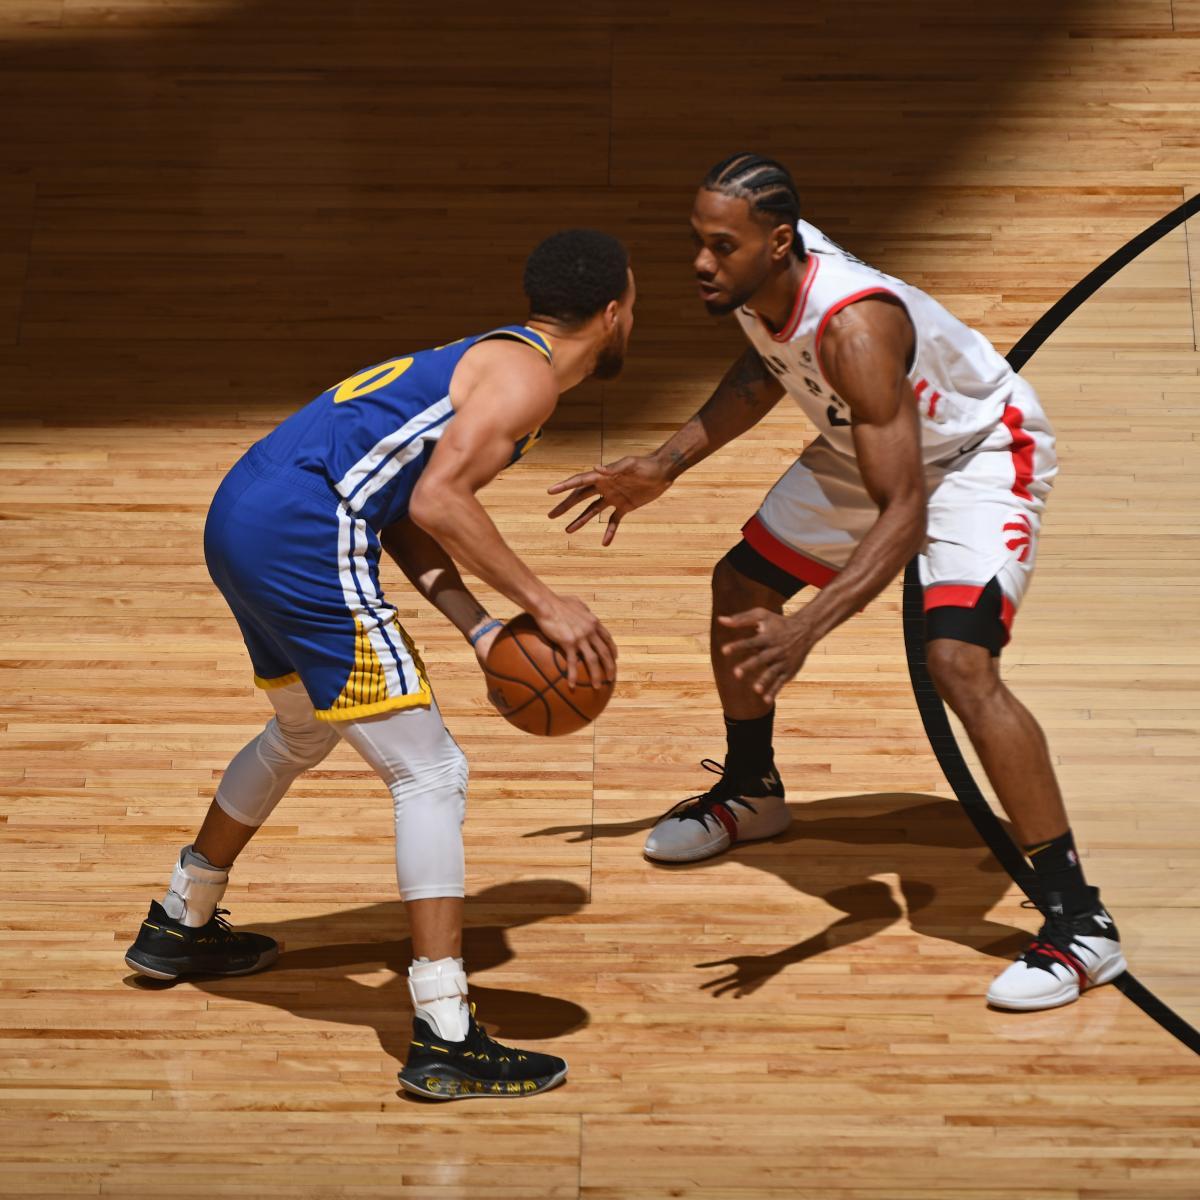 Warriors Game Broadcast Tv: Raptors Vs. Warriors Game 6 TV Schedule, Live Stream Guide